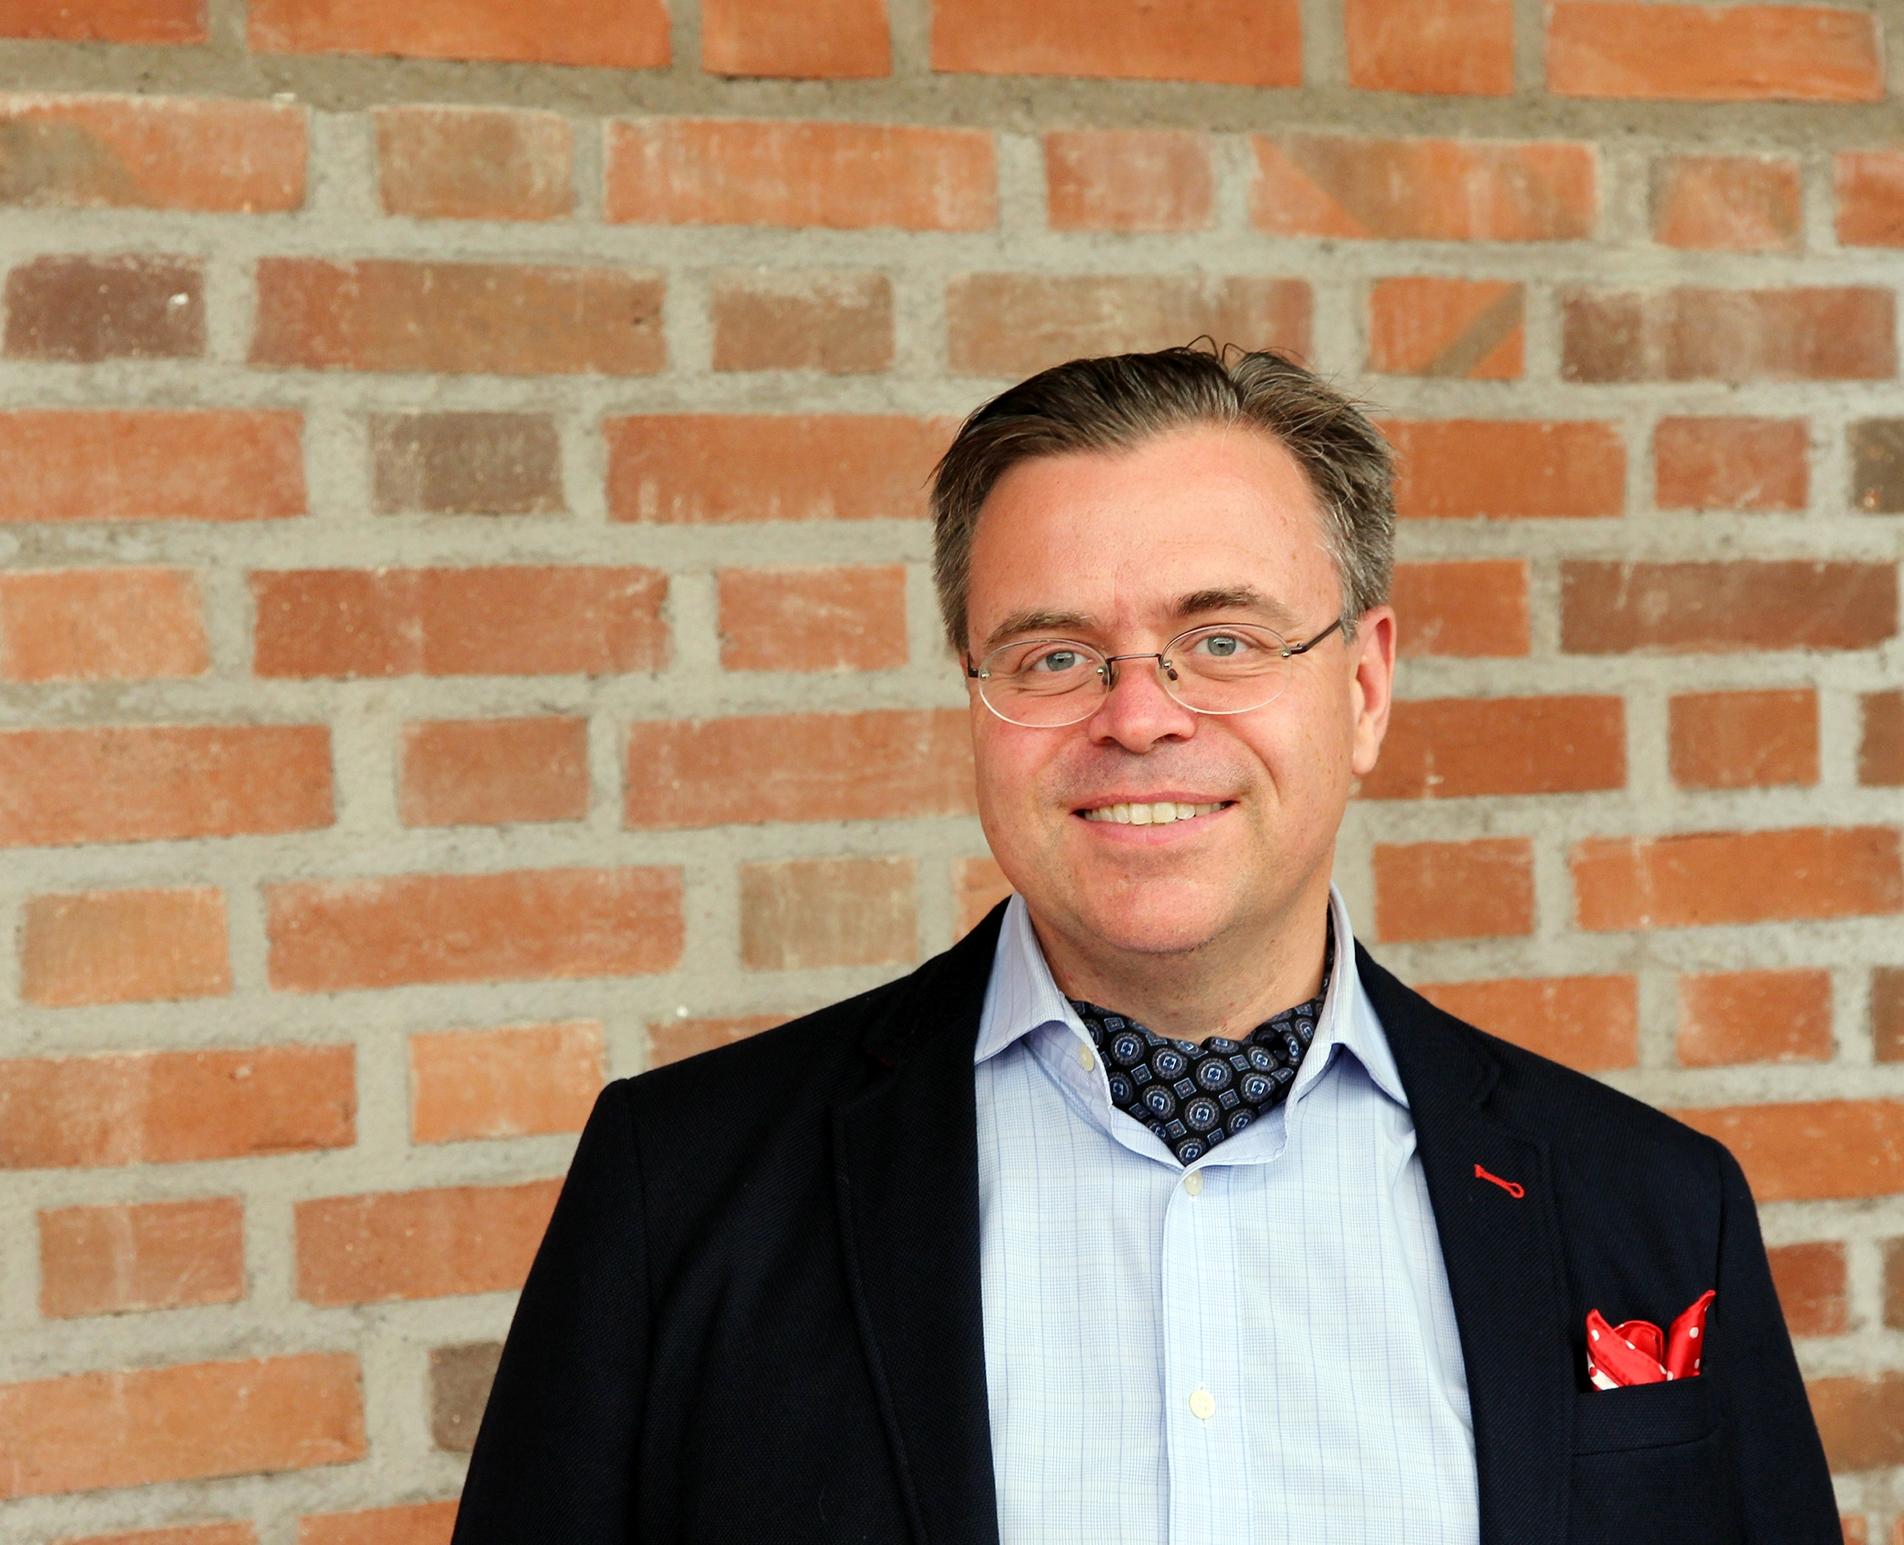 Dr. Andreas Önnerfors